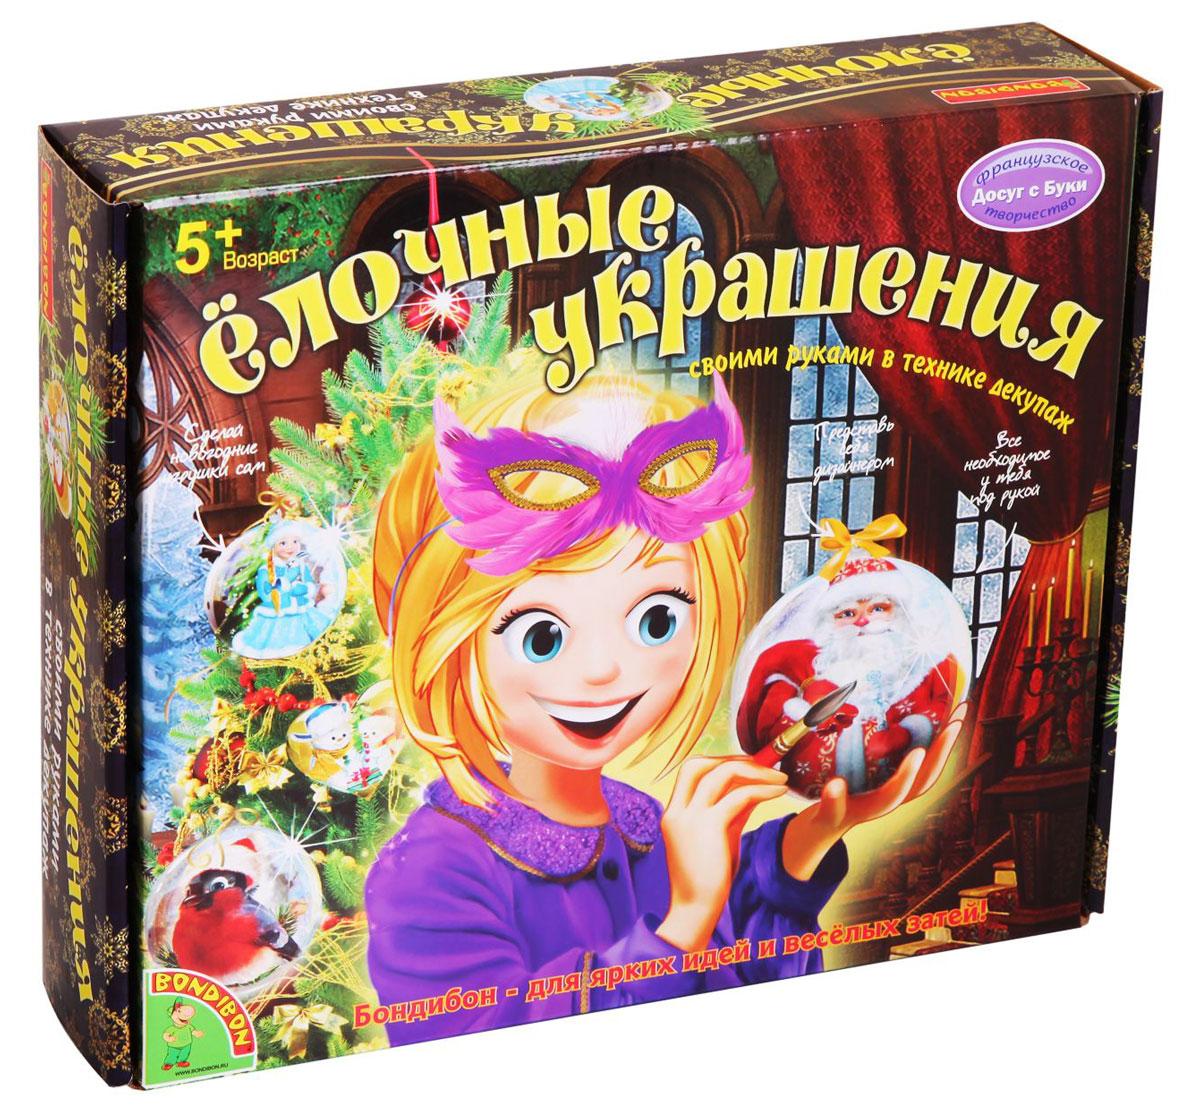 Bondibon Набор для росписи Елочные украшенияВВ1084В преддверии Нового года все мы ожидаем чудес. А ведь чудо можно сотворить своими руками, если воспользоваться набором для творчества в технике декупаж и смастерить блестящий шарик или красивое сердечко. Эти яркие, сверкающие елочные игрушки с красивыми новогодними картинками внутри, выполненными в технике декупаж, невозможно купить ни в одном магазине, ведь они сделаны своими руками, а юный мастер проявил при их создании бурную творческую фантазию и вложил в них частичку своей души! Перед тем, как склеить две половинки шарика или сердечка, можно поместить внутрь игрушки небольшой подарок или мини-открытку с праздничным поздравлением, а затем повесить игрушки на елку. Пусть гости сами снимут свой подарок с елочки - это станет для них новогодним чудом, а создатель этих чудес почувствует себя самыми настоящим волшебником!